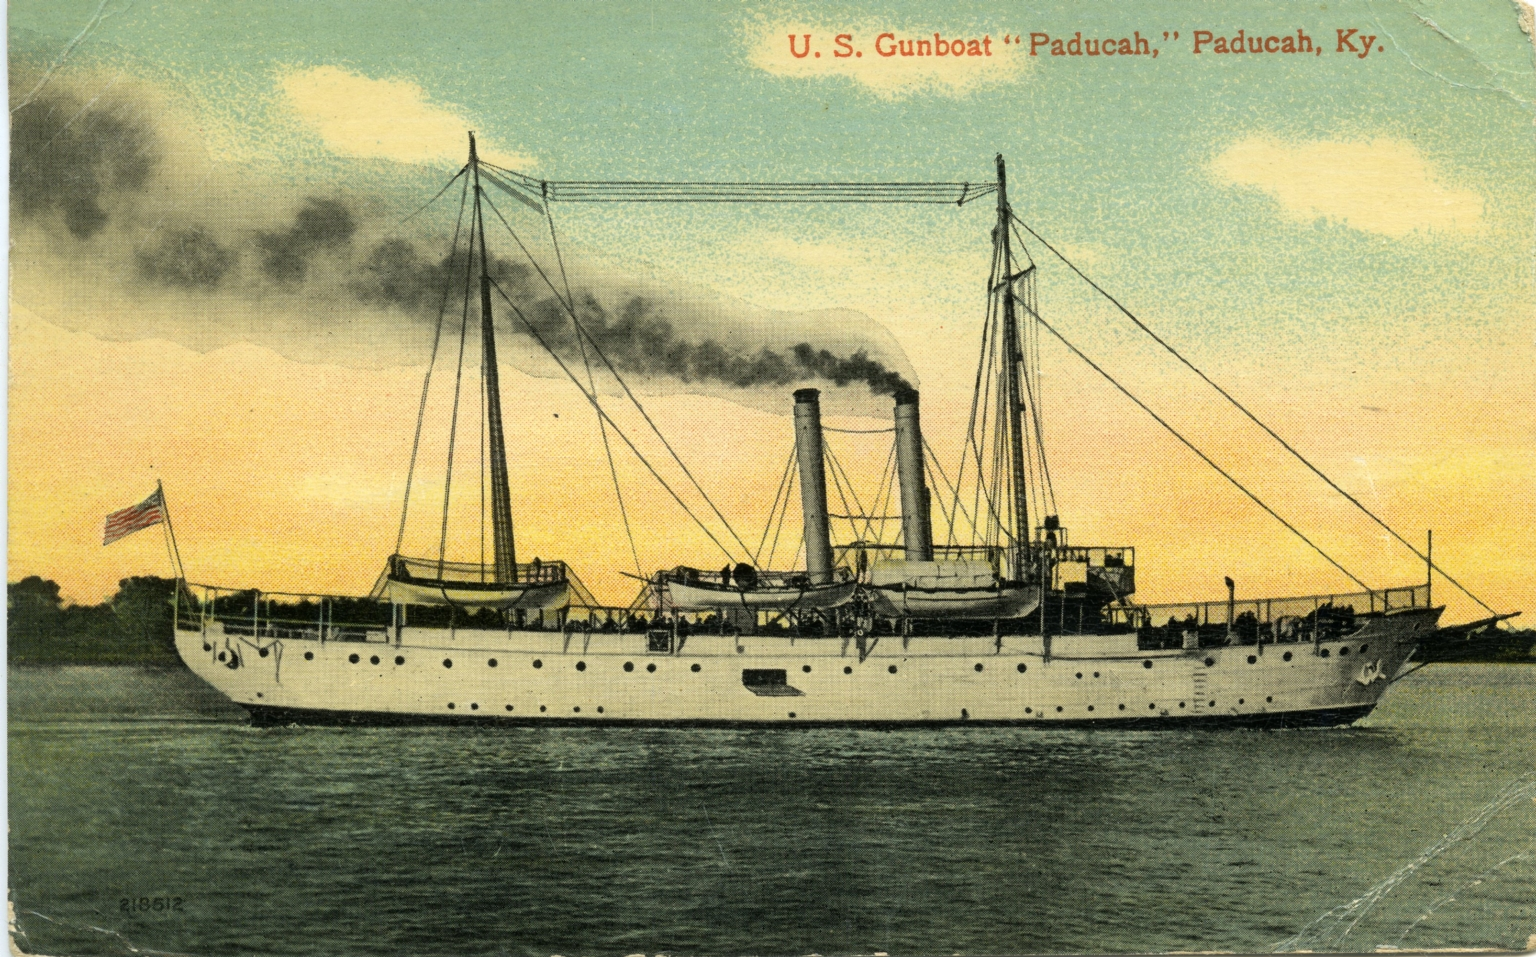 """U.S. Gunboat """"Paducah"""" on Ohio River at Paducah (KY)"""